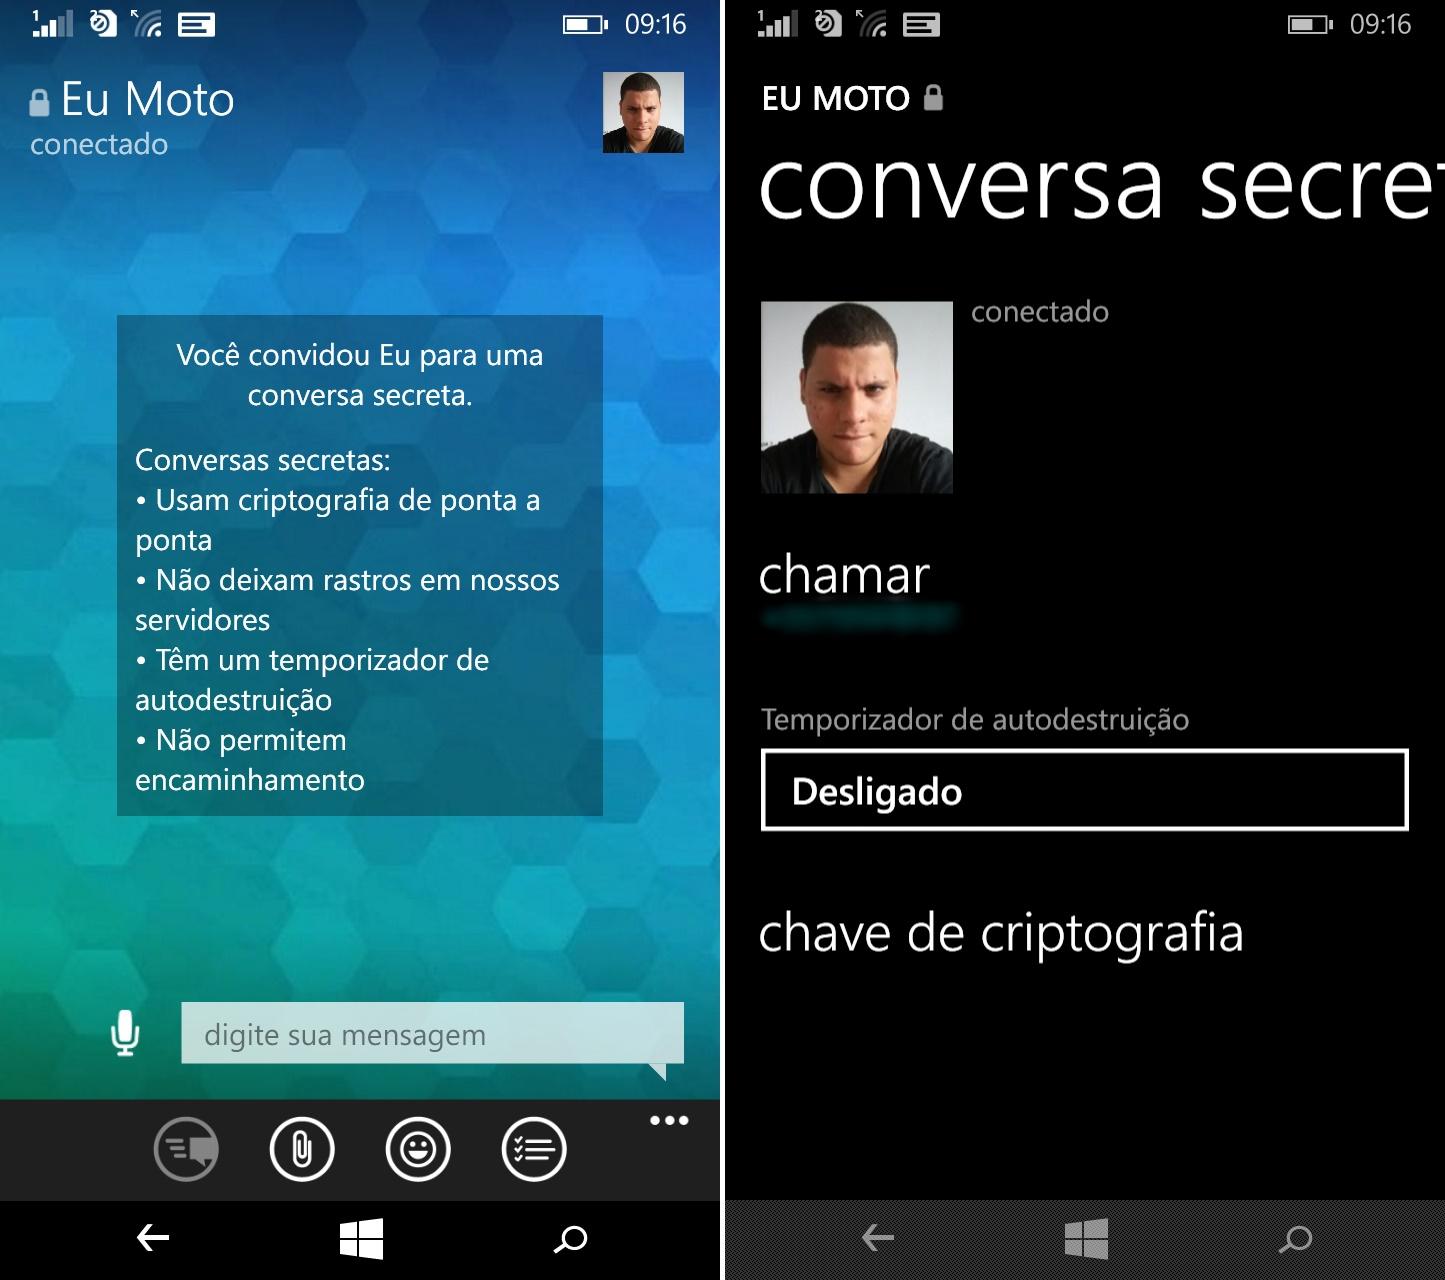 comparativo de apps #11 telegram - 11